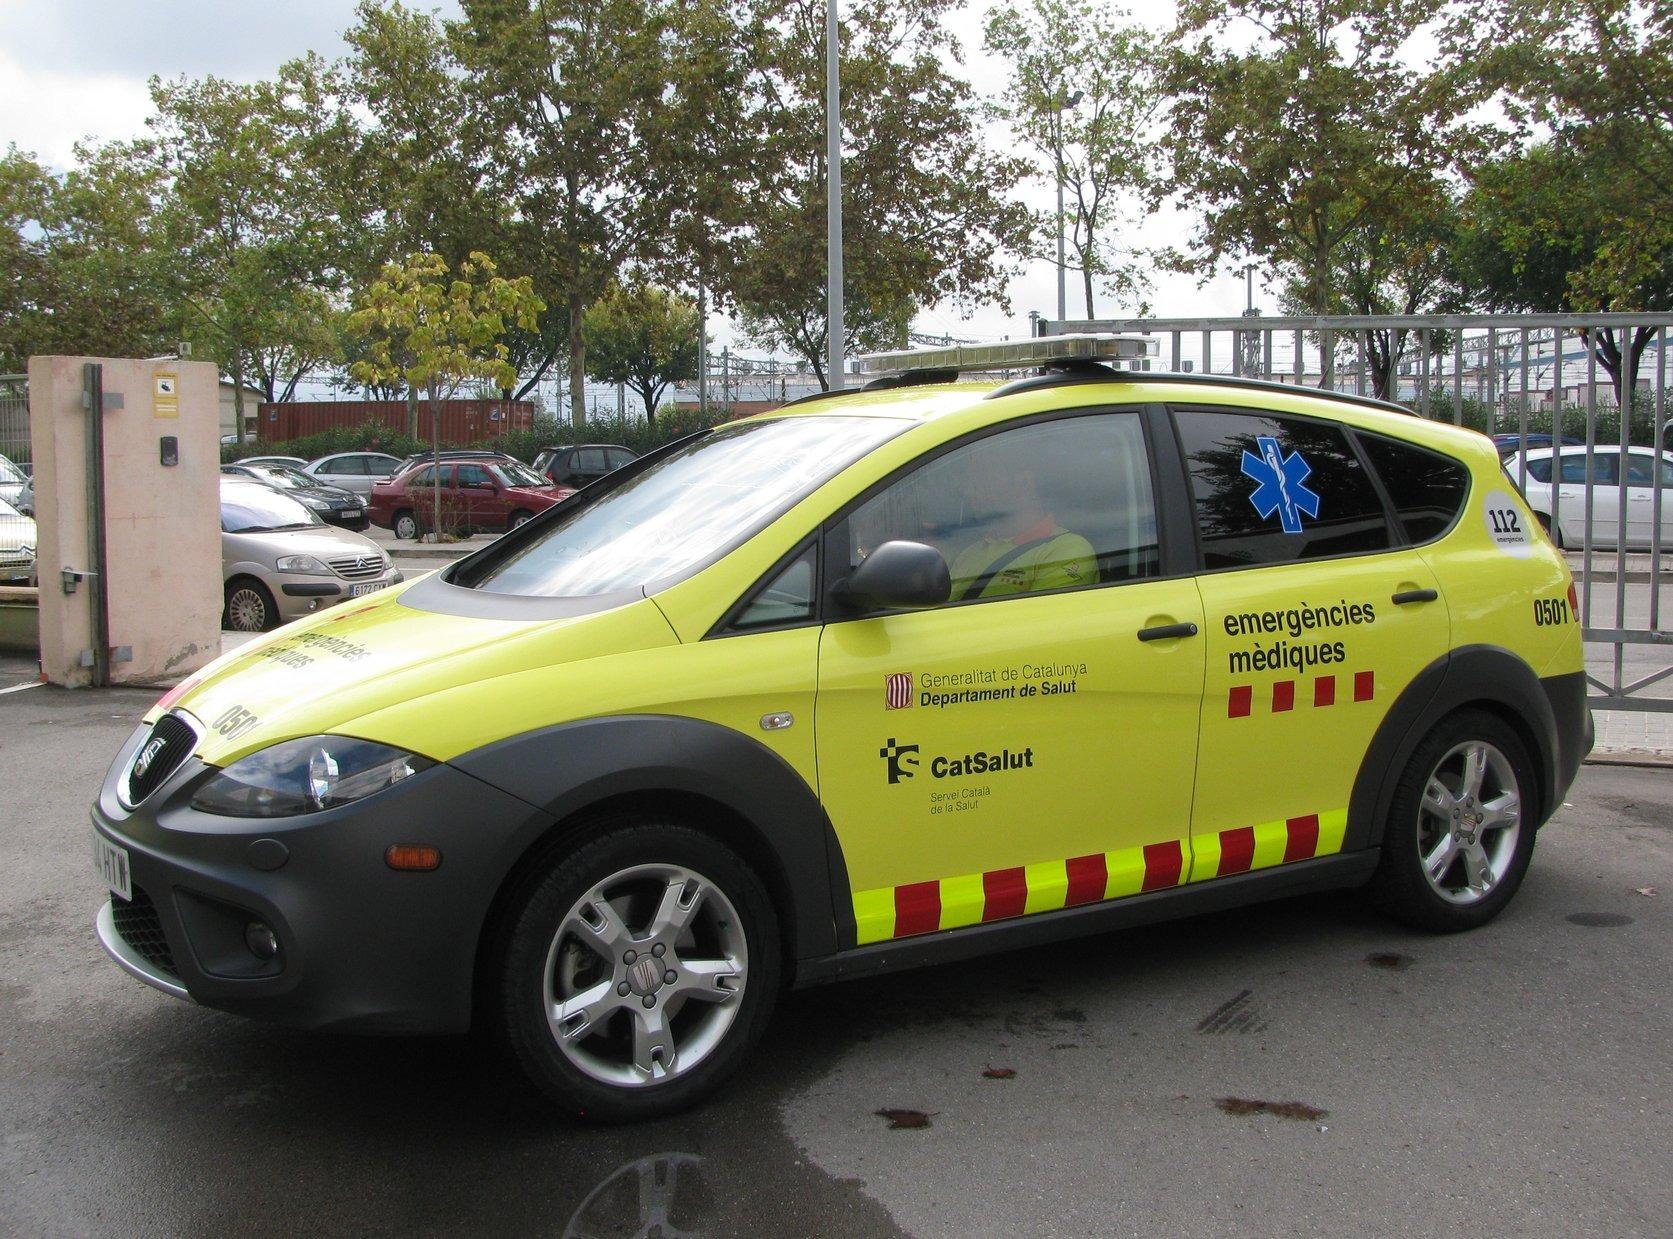 Un vehicle del Servei d'Emergències Mèdiques